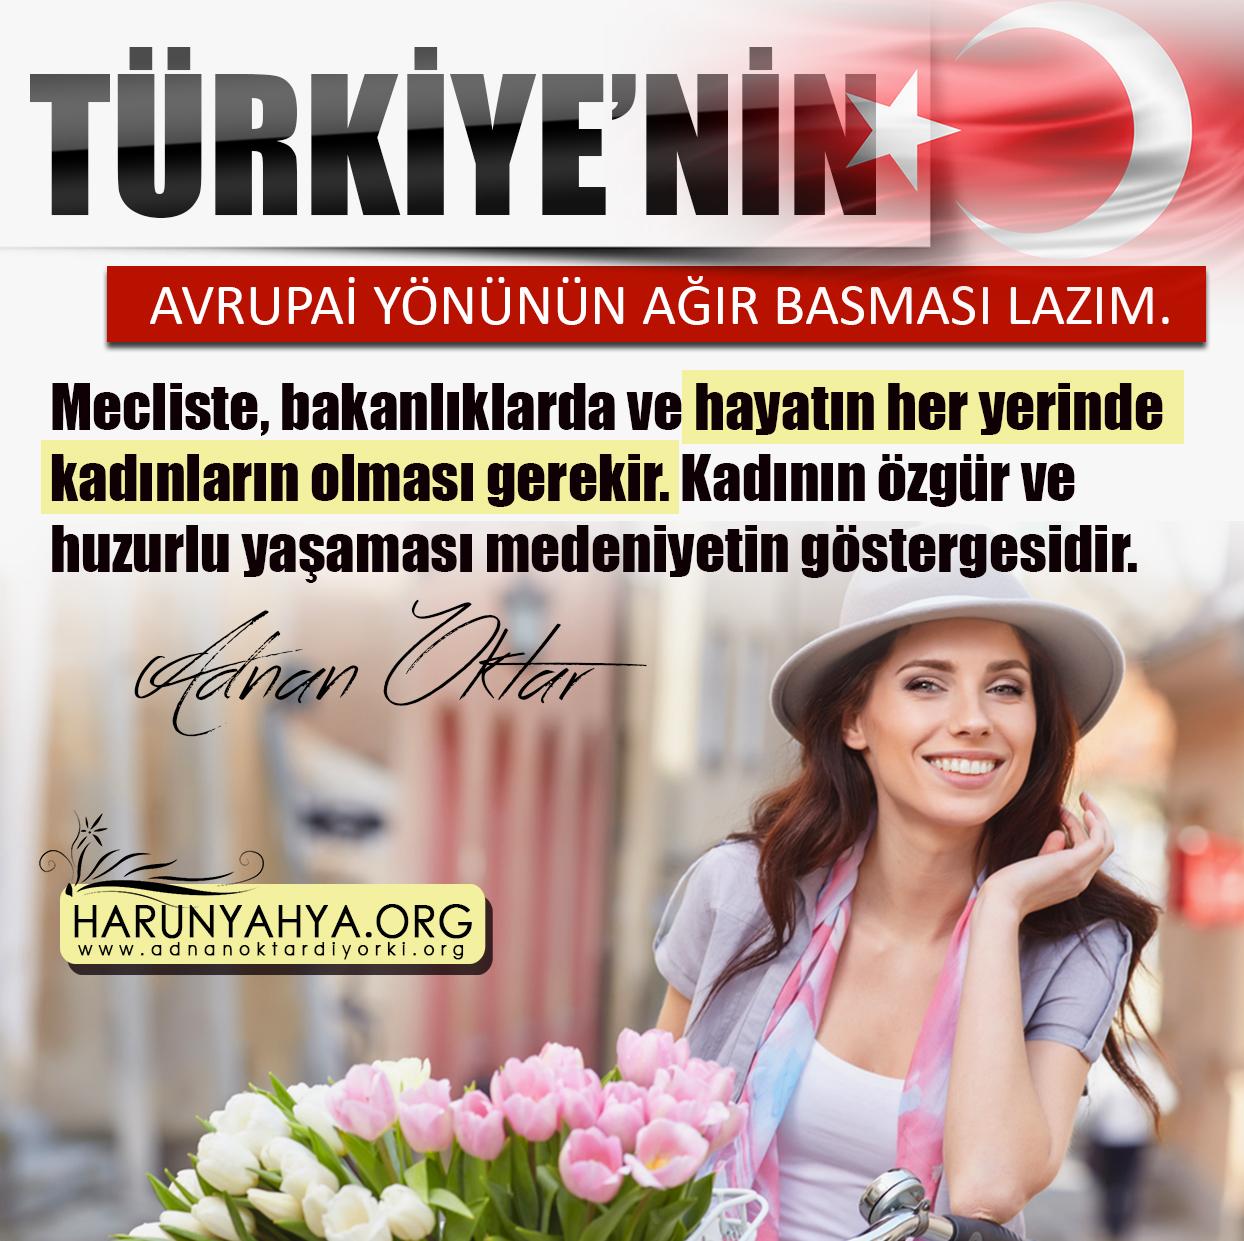 """<table style=""""width: 100%;""""><tr><td style=""""vertical-align: middle;"""">Türkiye'nin Avrupai yönünün ağır basması lazım. Mecliste, bakanlıklarda ve hayatın her yerinde kadınların olması gerekir. Kadının özgür ve huzurlu yaşanması medeniyetin göstergesidir.</td><td style=""""max-width: 70px;vertical-align: middle;""""> <a href=""""/downloadquote.php?filename=1523951504967.jpg""""><img class=""""hoversaturate"""" height=""""20px"""" src=""""/assets/images/download-iconu.png"""" style=""""width: 48px; height: 48px;"""" title=""""Resmi İndir""""/></a></td></tr></table>"""